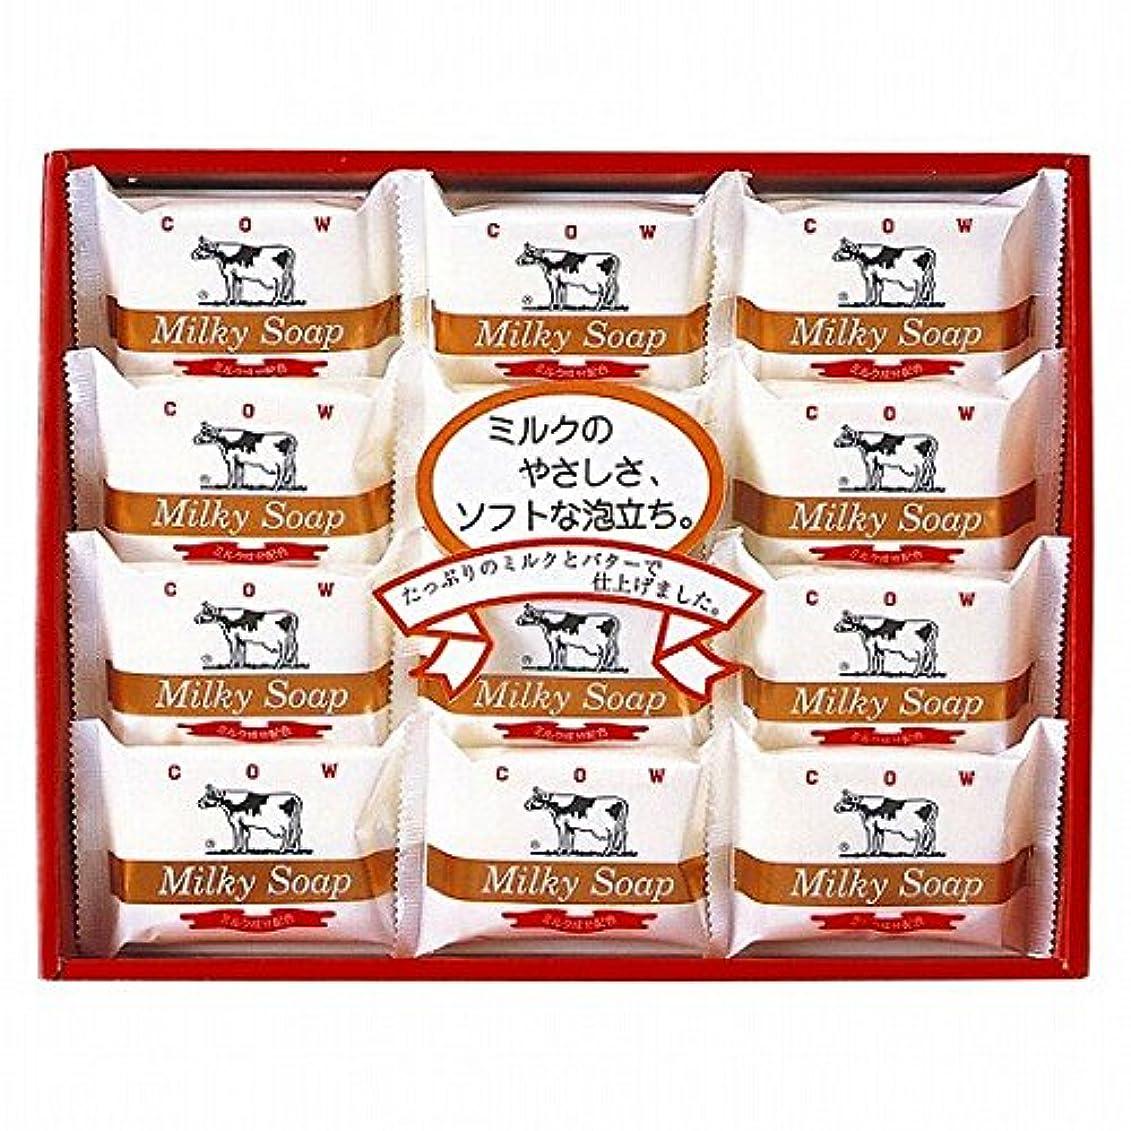 変装したスタジオ叙情的なnobrand 牛乳石鹸 ゴールドソープセット (21940005)